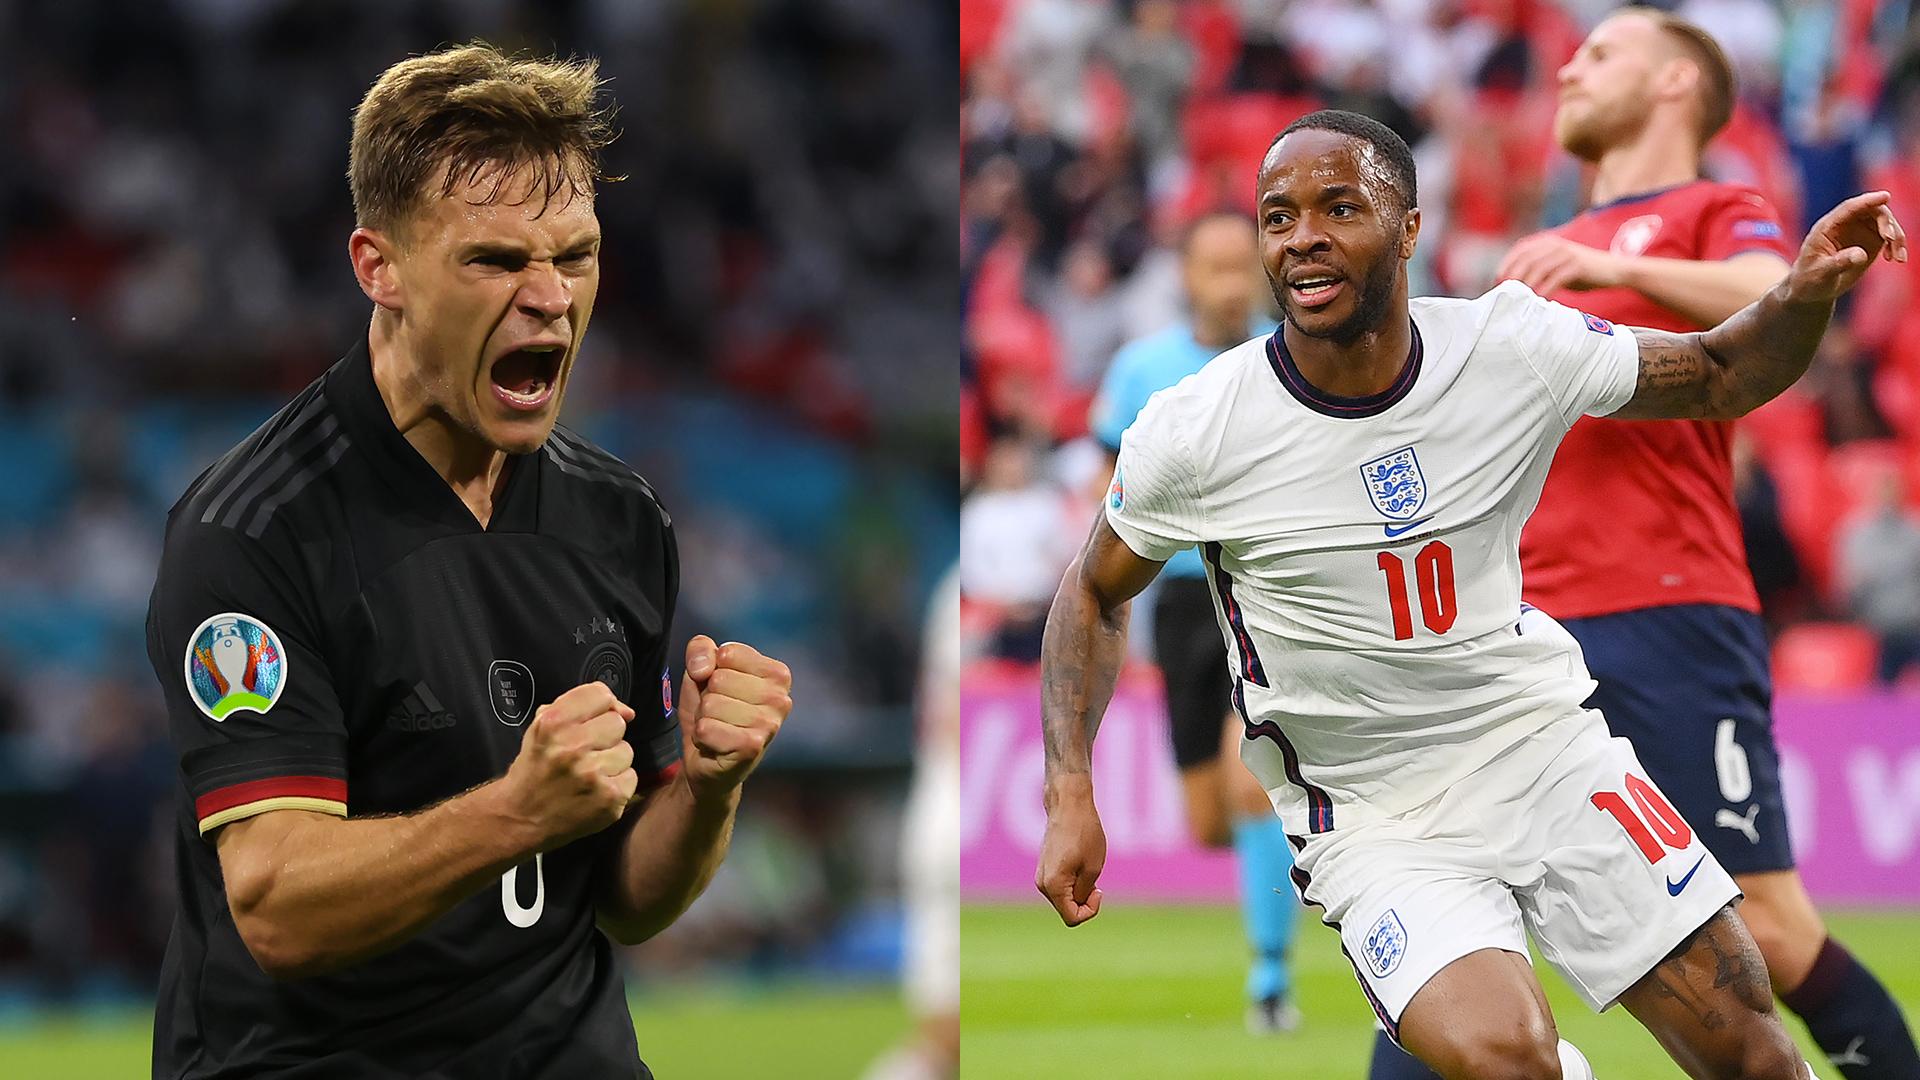 Euro 2020: ¿A qué hora juegan Inglaterra vs. Alemania y dónde verlo? | Deportes UEFA Euro 2020 | TUDN Univision